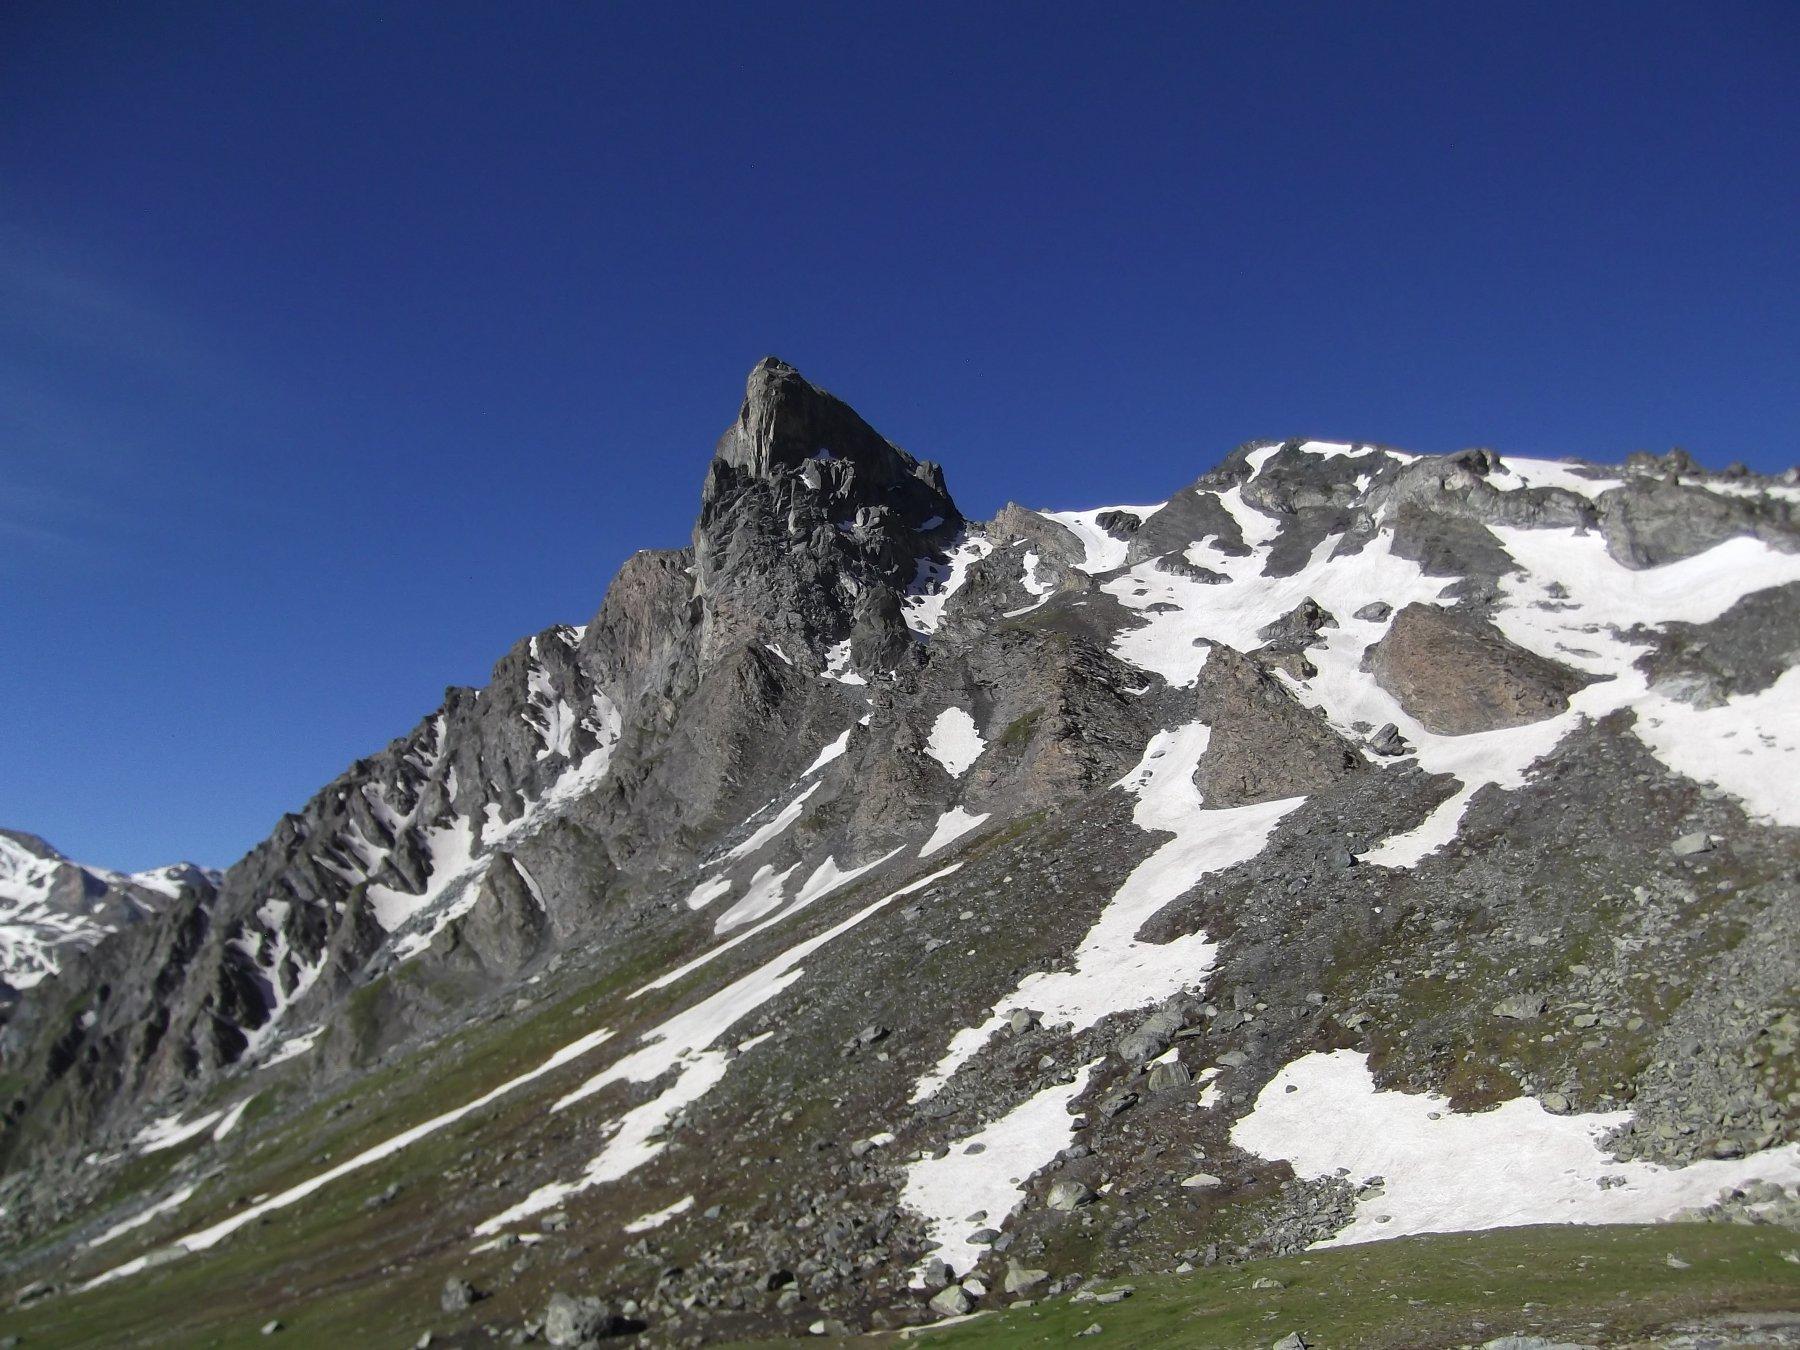 Rocca Bianca dai pressi del Colle S. Veran.